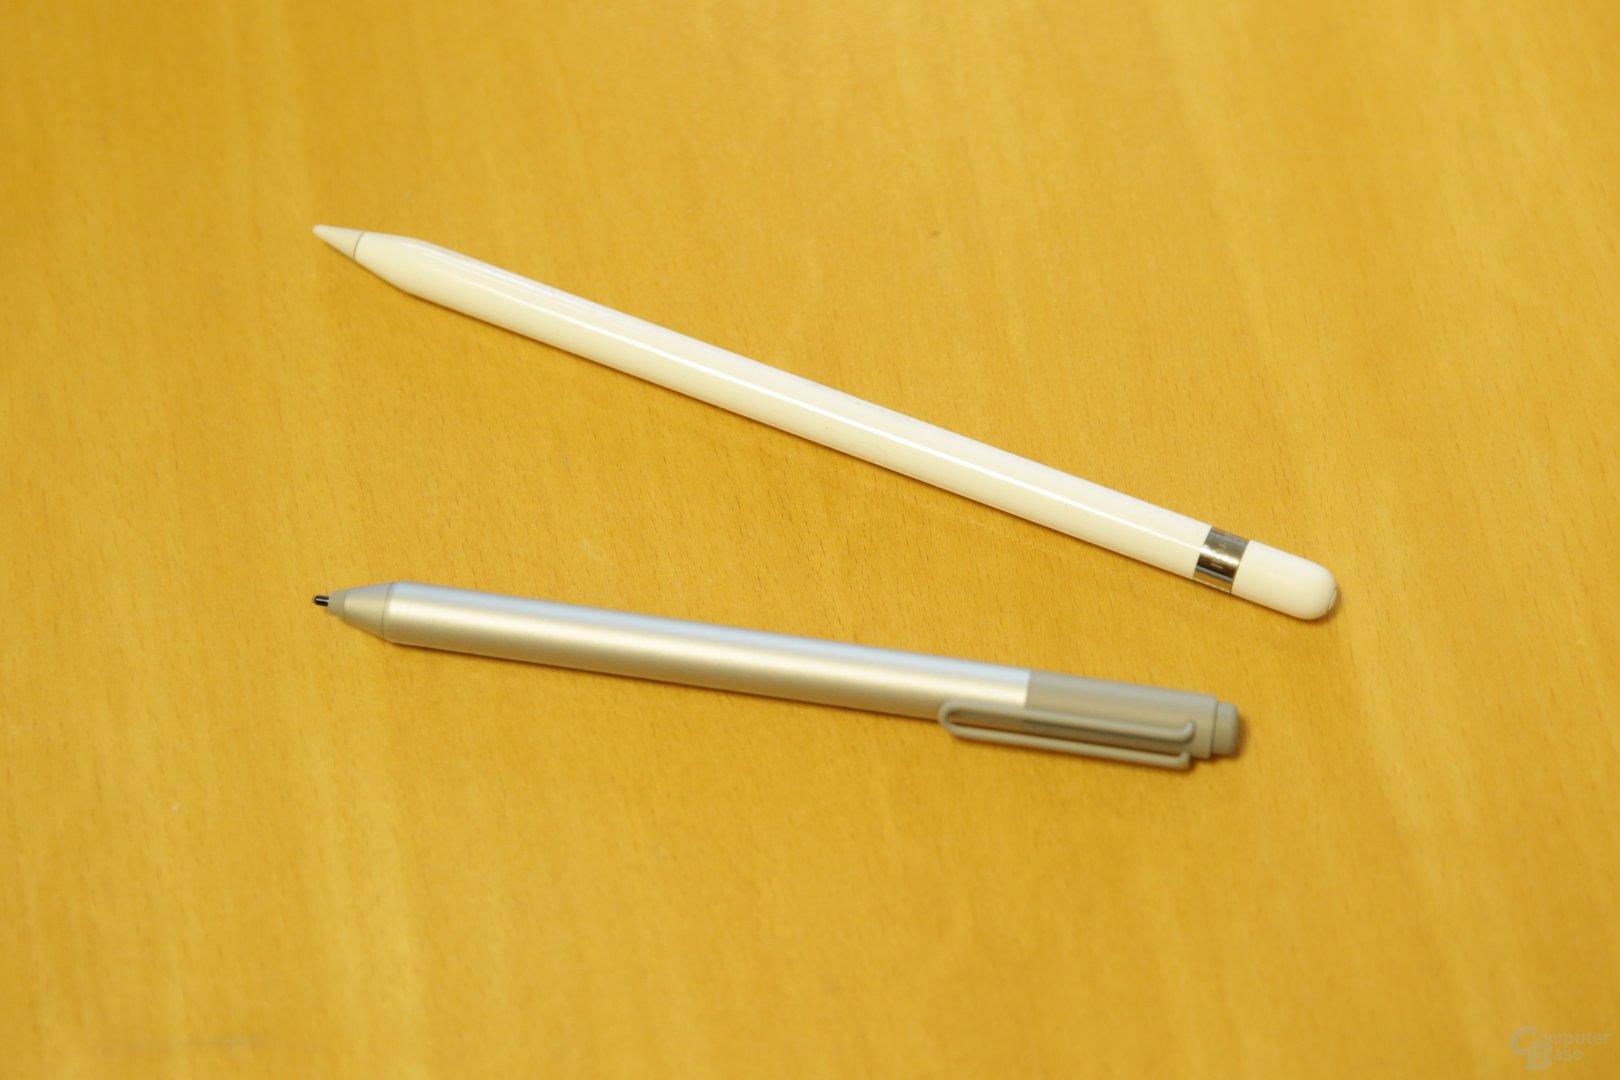 Stuttmann favorisiert den Stift von Apple